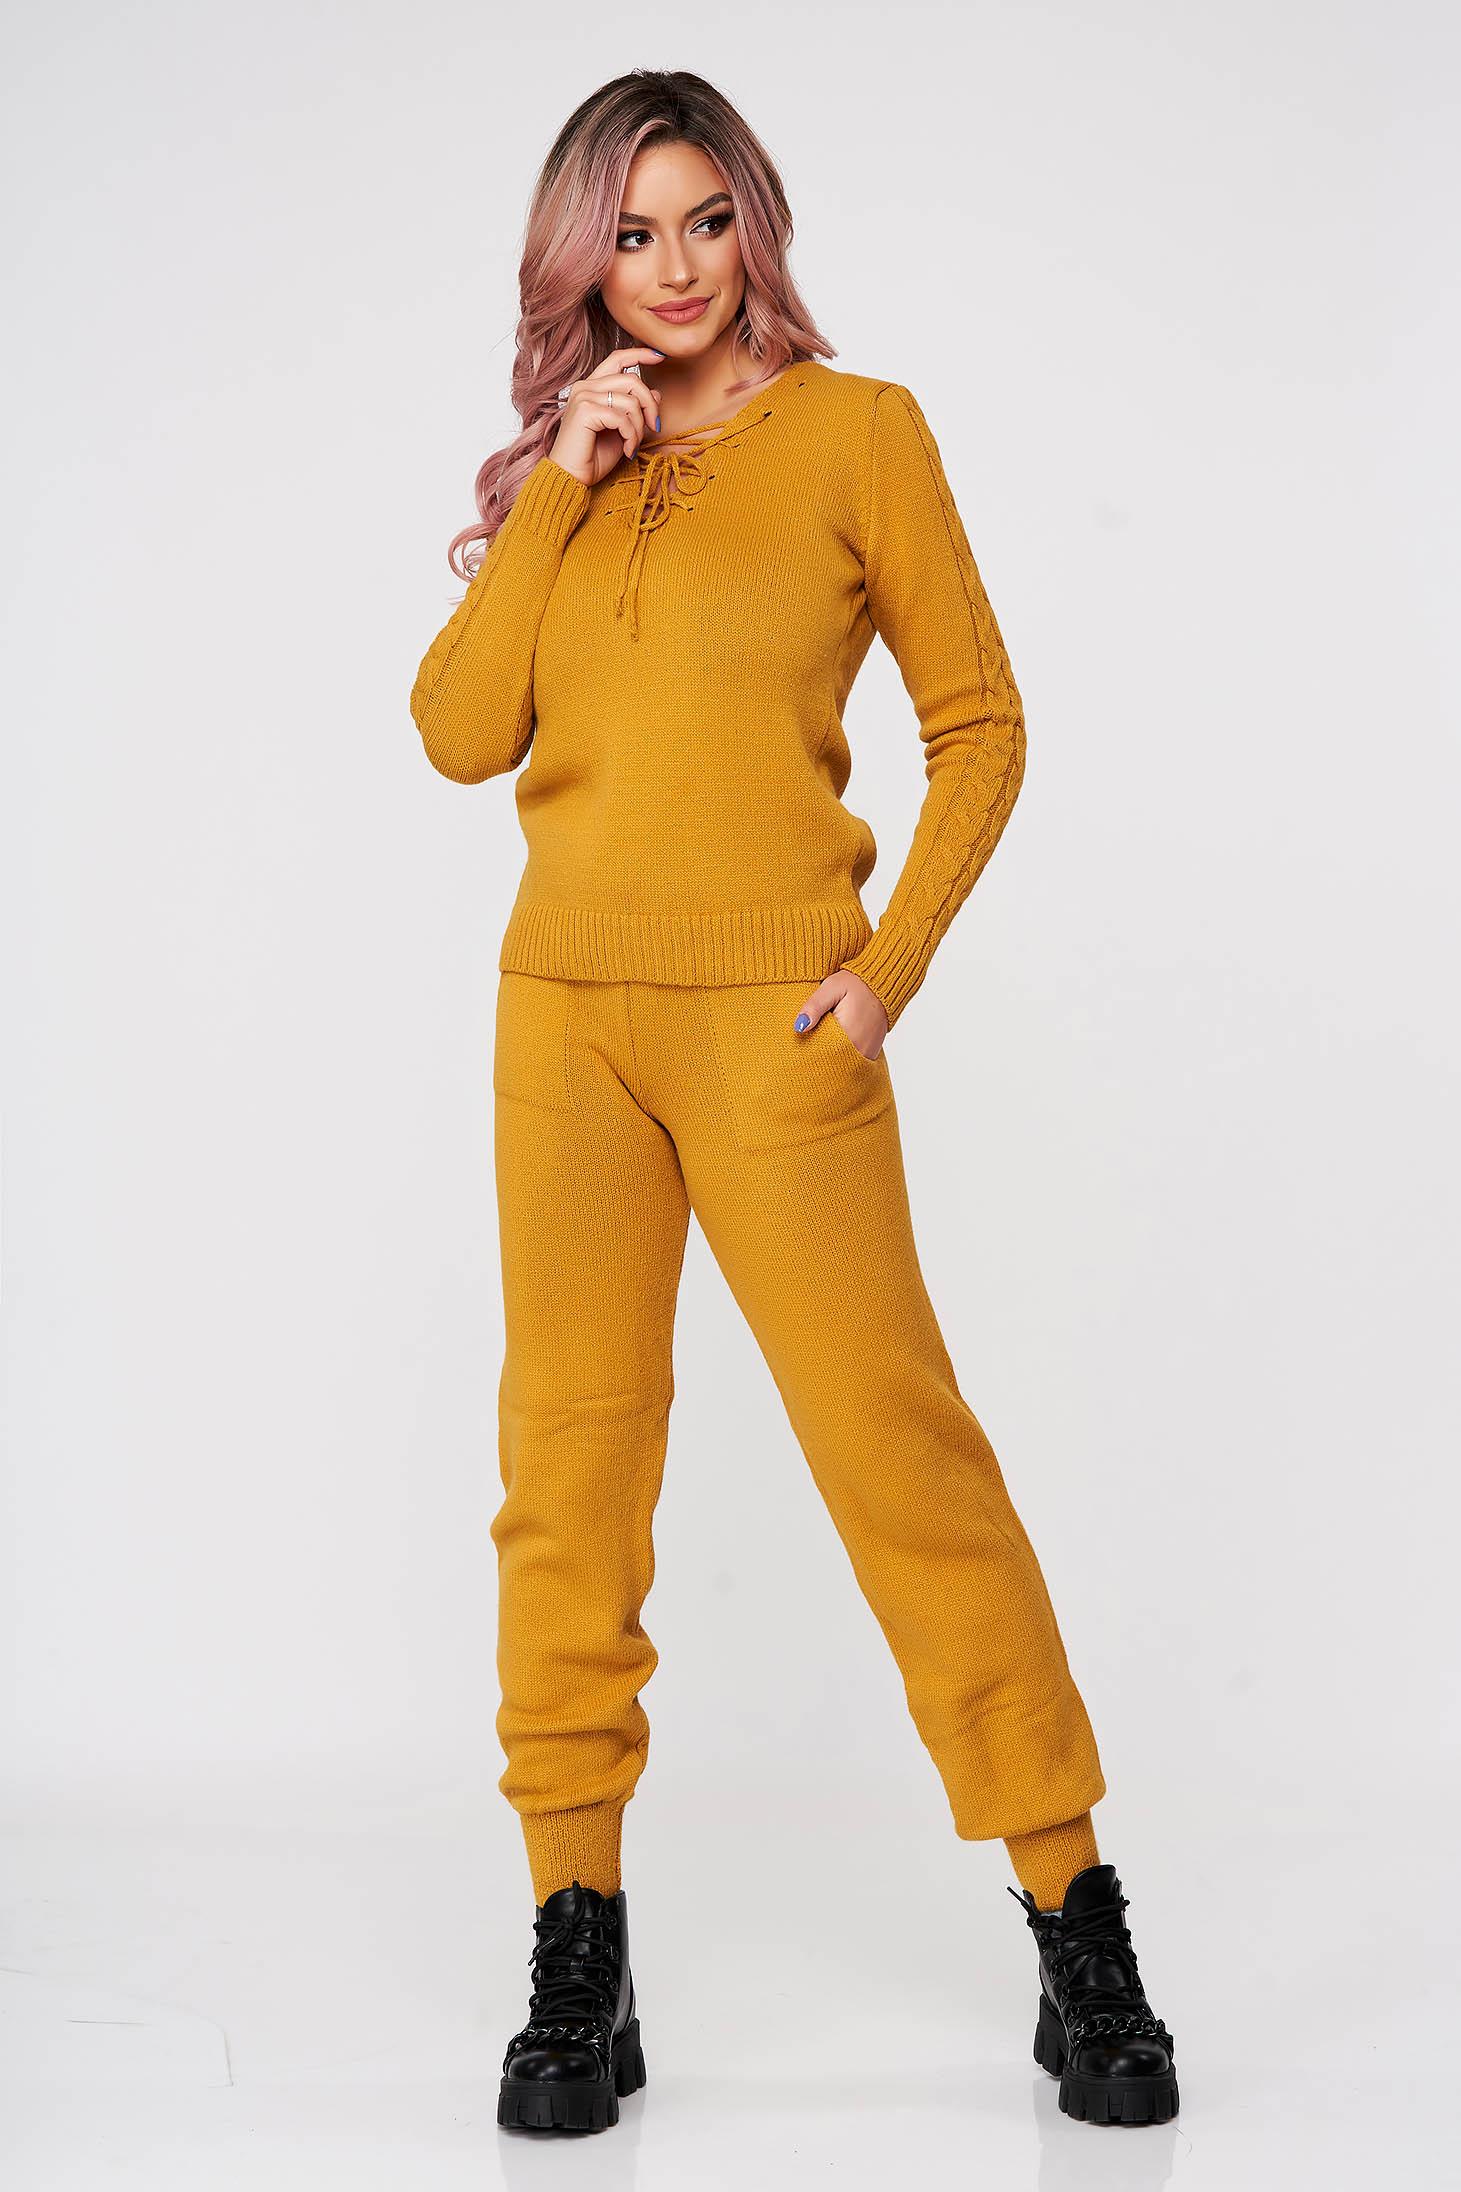 Trening dama SunShine mustariu tricotat din doua piese cu snur si cu insertii din material impletit